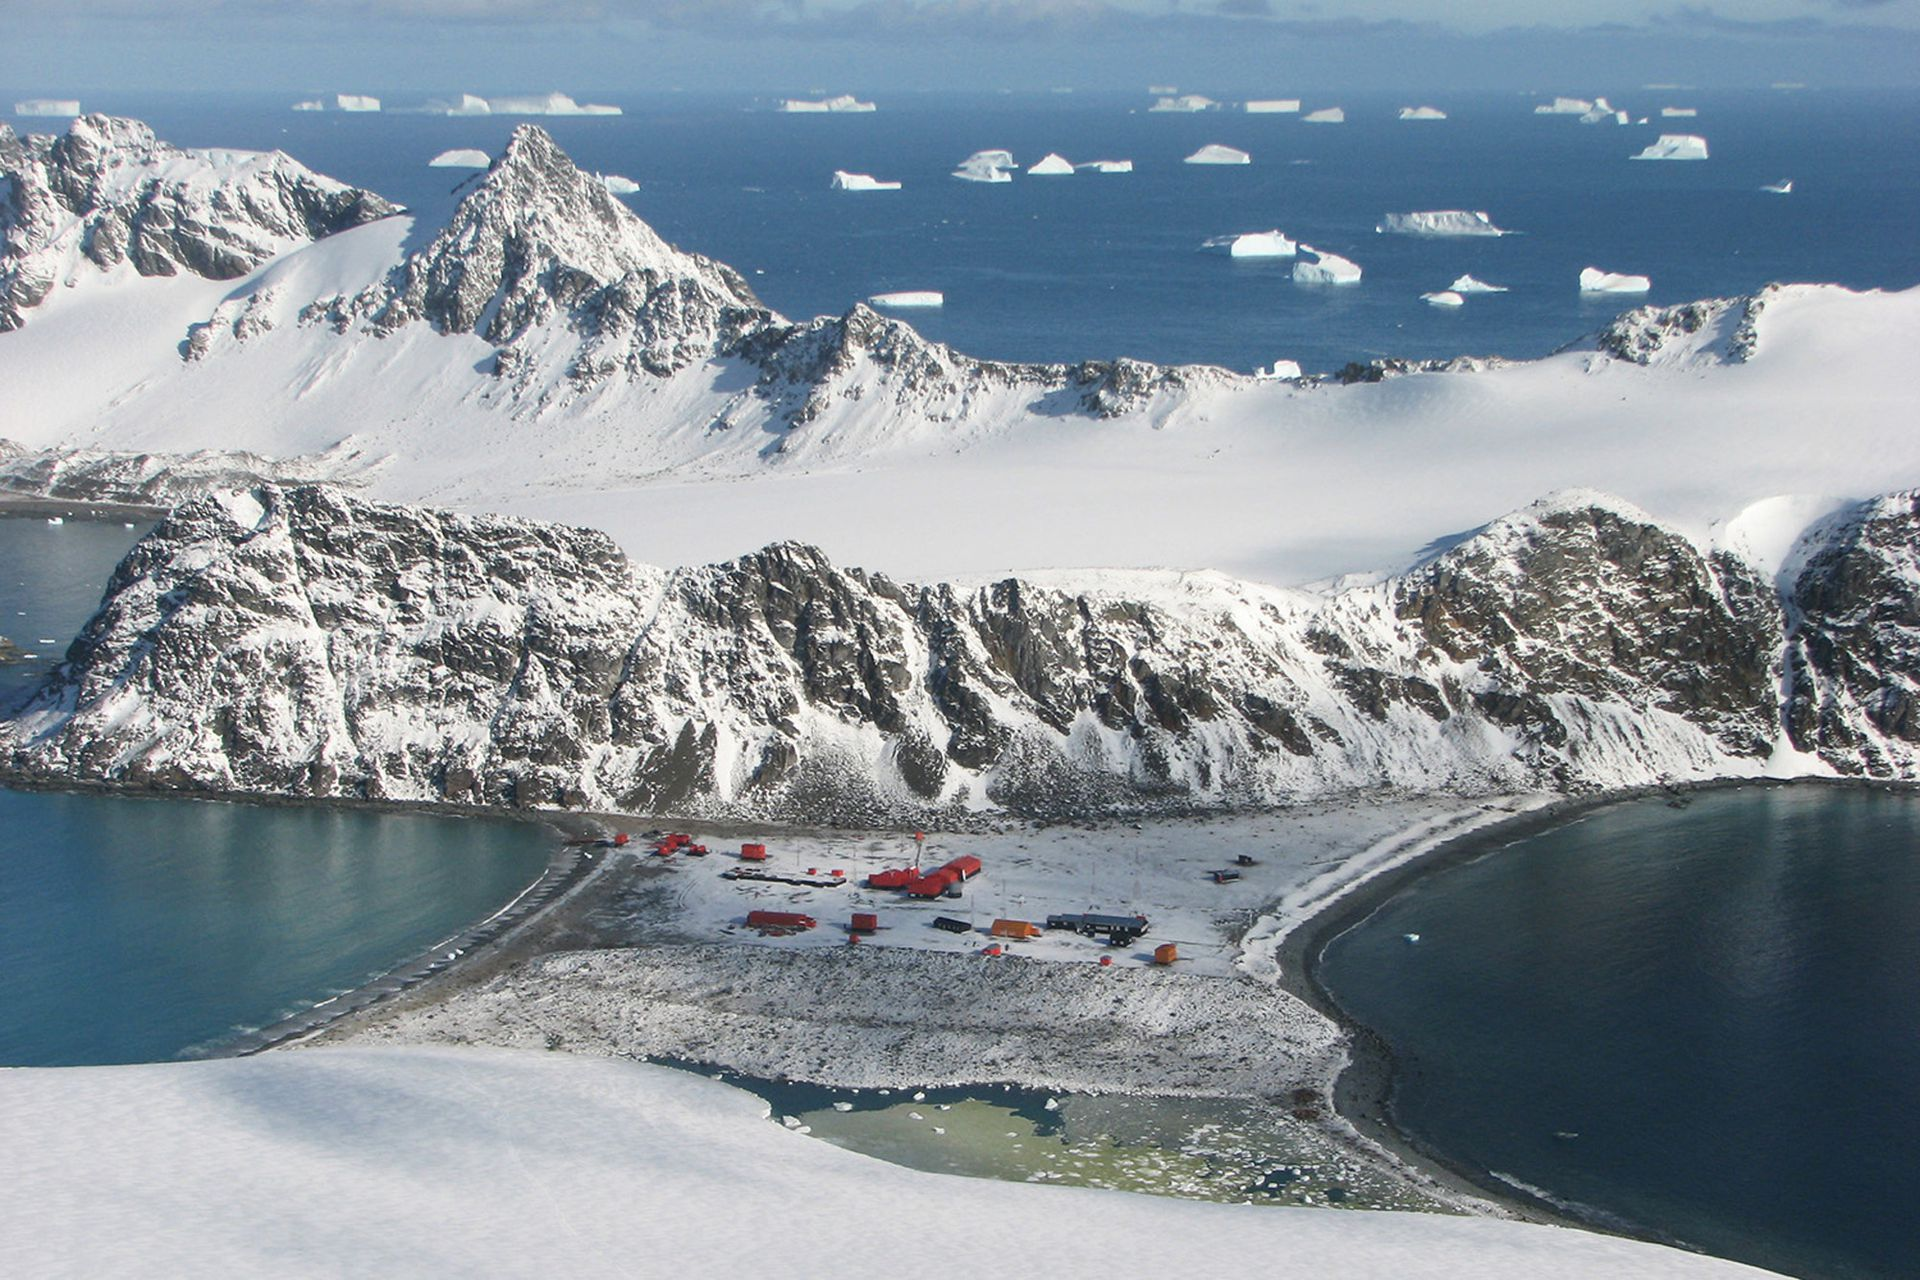 La Base Orcadas está ubicada en la isla Laurie de las islas Orcadas del Sur y es la base más antigua de la Antártida funcionando ininterrumpidamente desde 1904